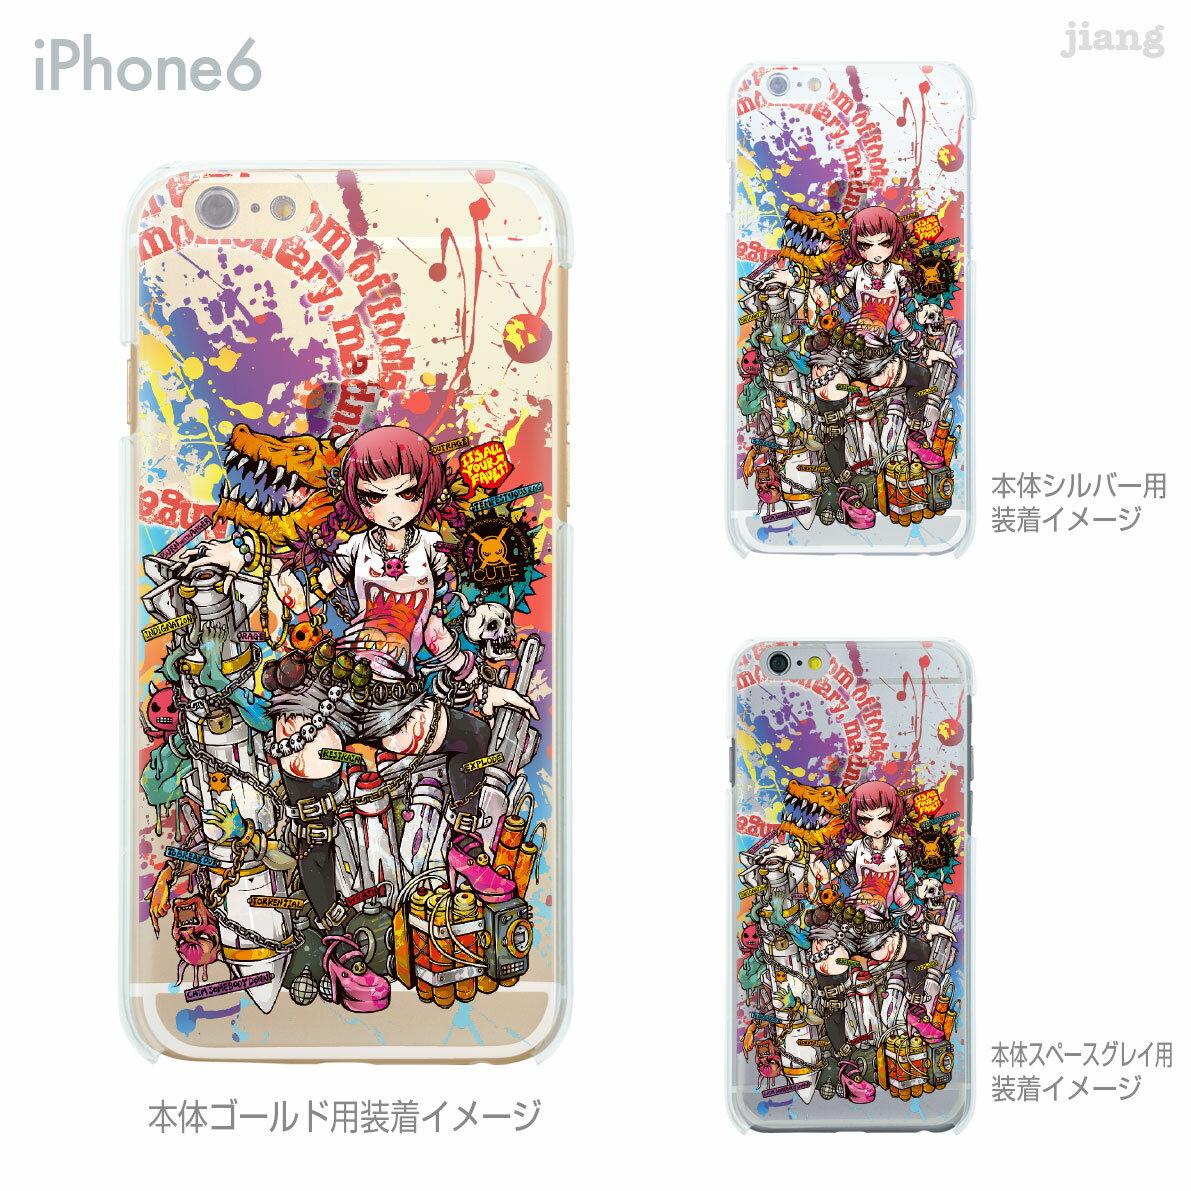 iPhoneX iPhone X ケース iPhone8 iPhone7ケース iPhone7 Plus iPhone6s iPhone6 Plus iphone ハードケース Clear Arts ケース カバー スマホケース クリアケース Project.C.K. 憤怒 11-ip6-ca0019-s